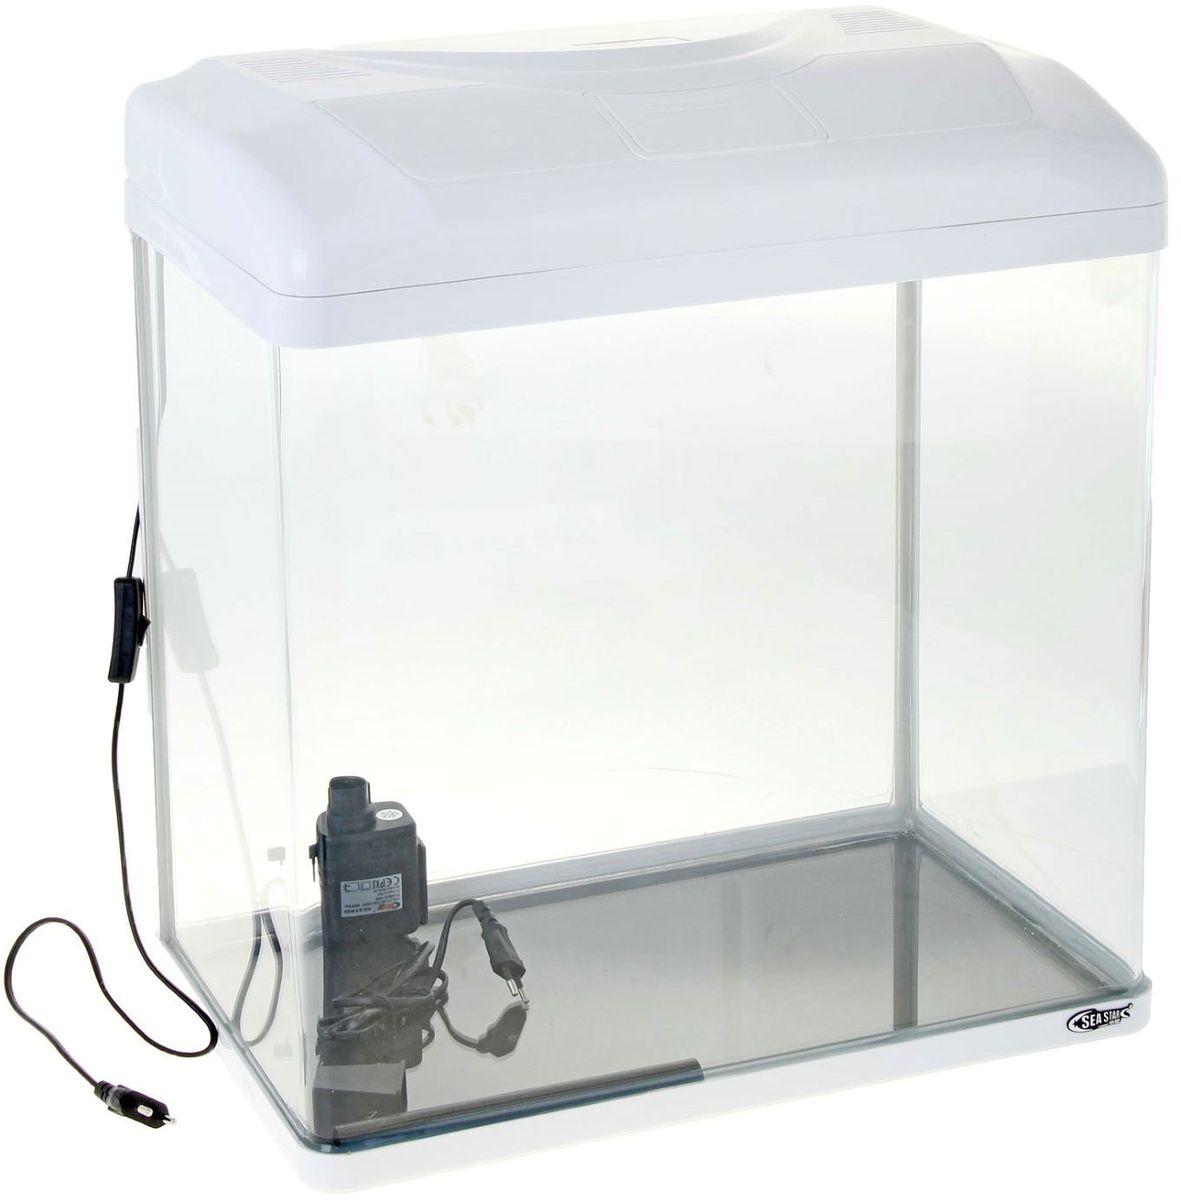 Аквариум Sea Star HX-500ZF, цвет: белый, 70 лHX-500ZF whiteЛампа дневного света и встроенный фильтр.